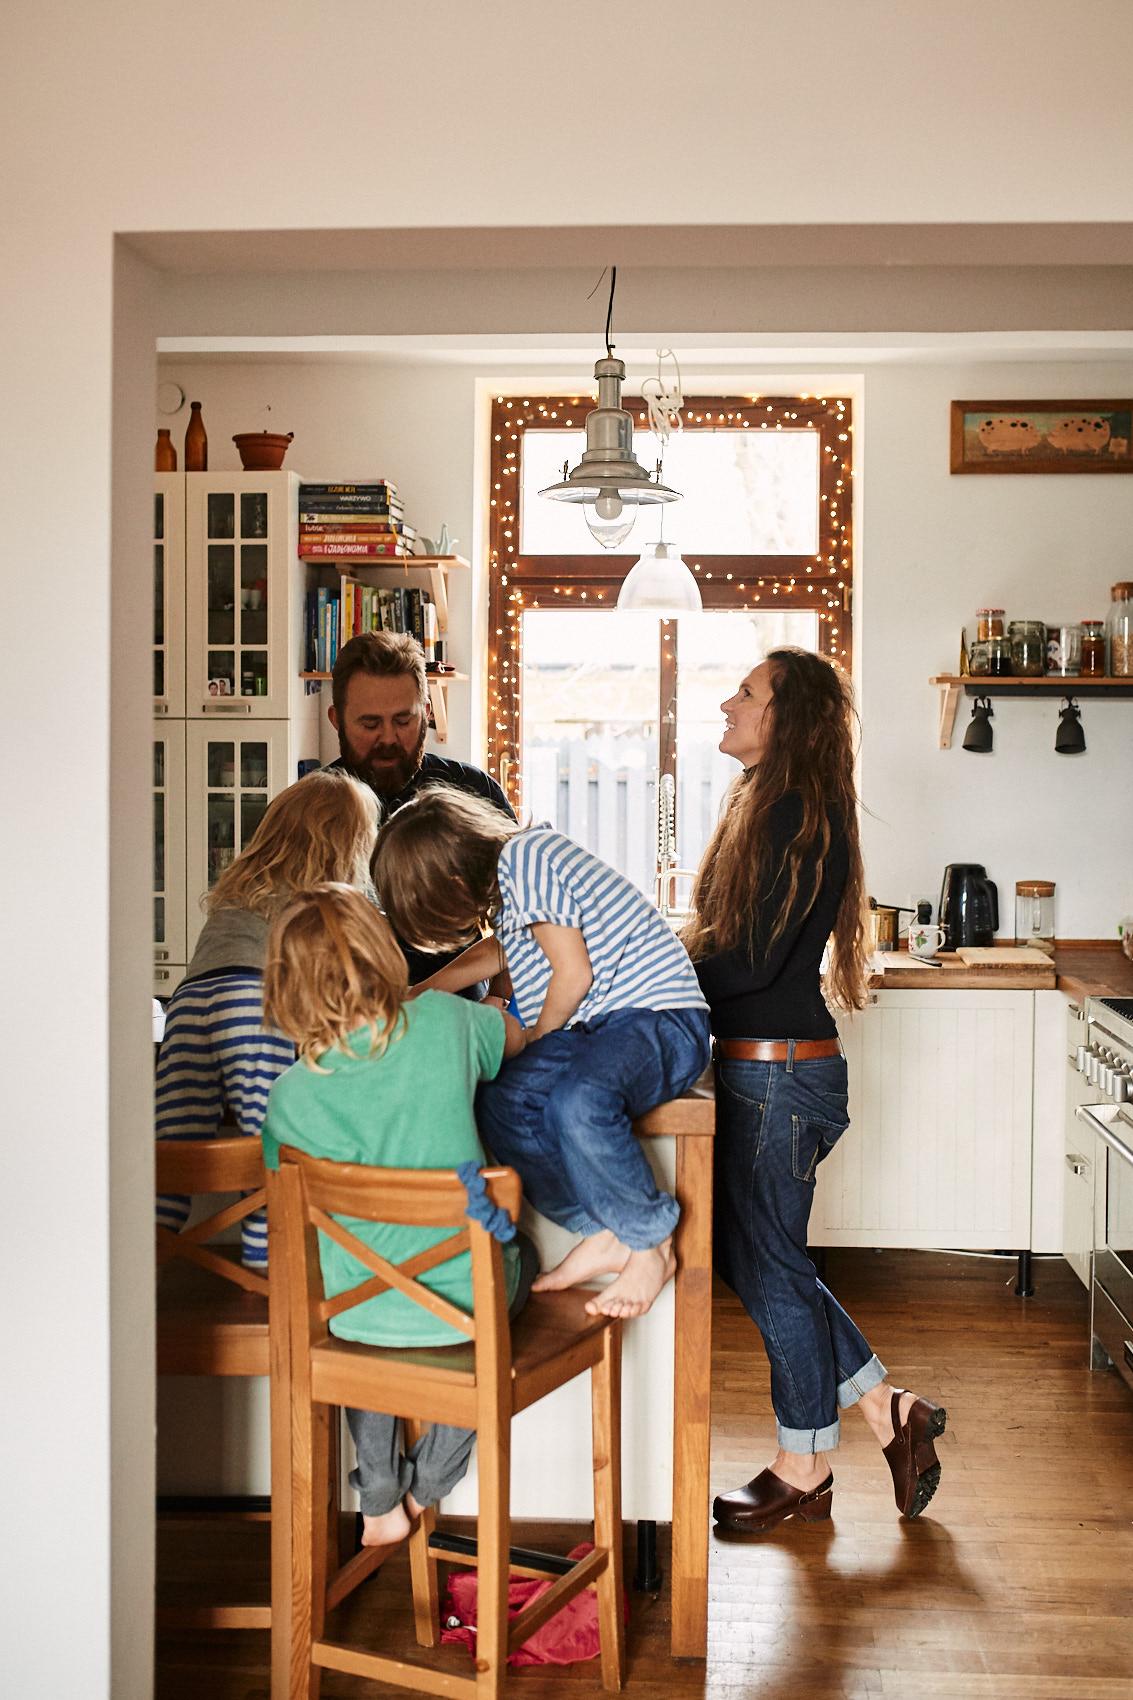 sesja rodzinna w domu milanowek pruszkow brwinow